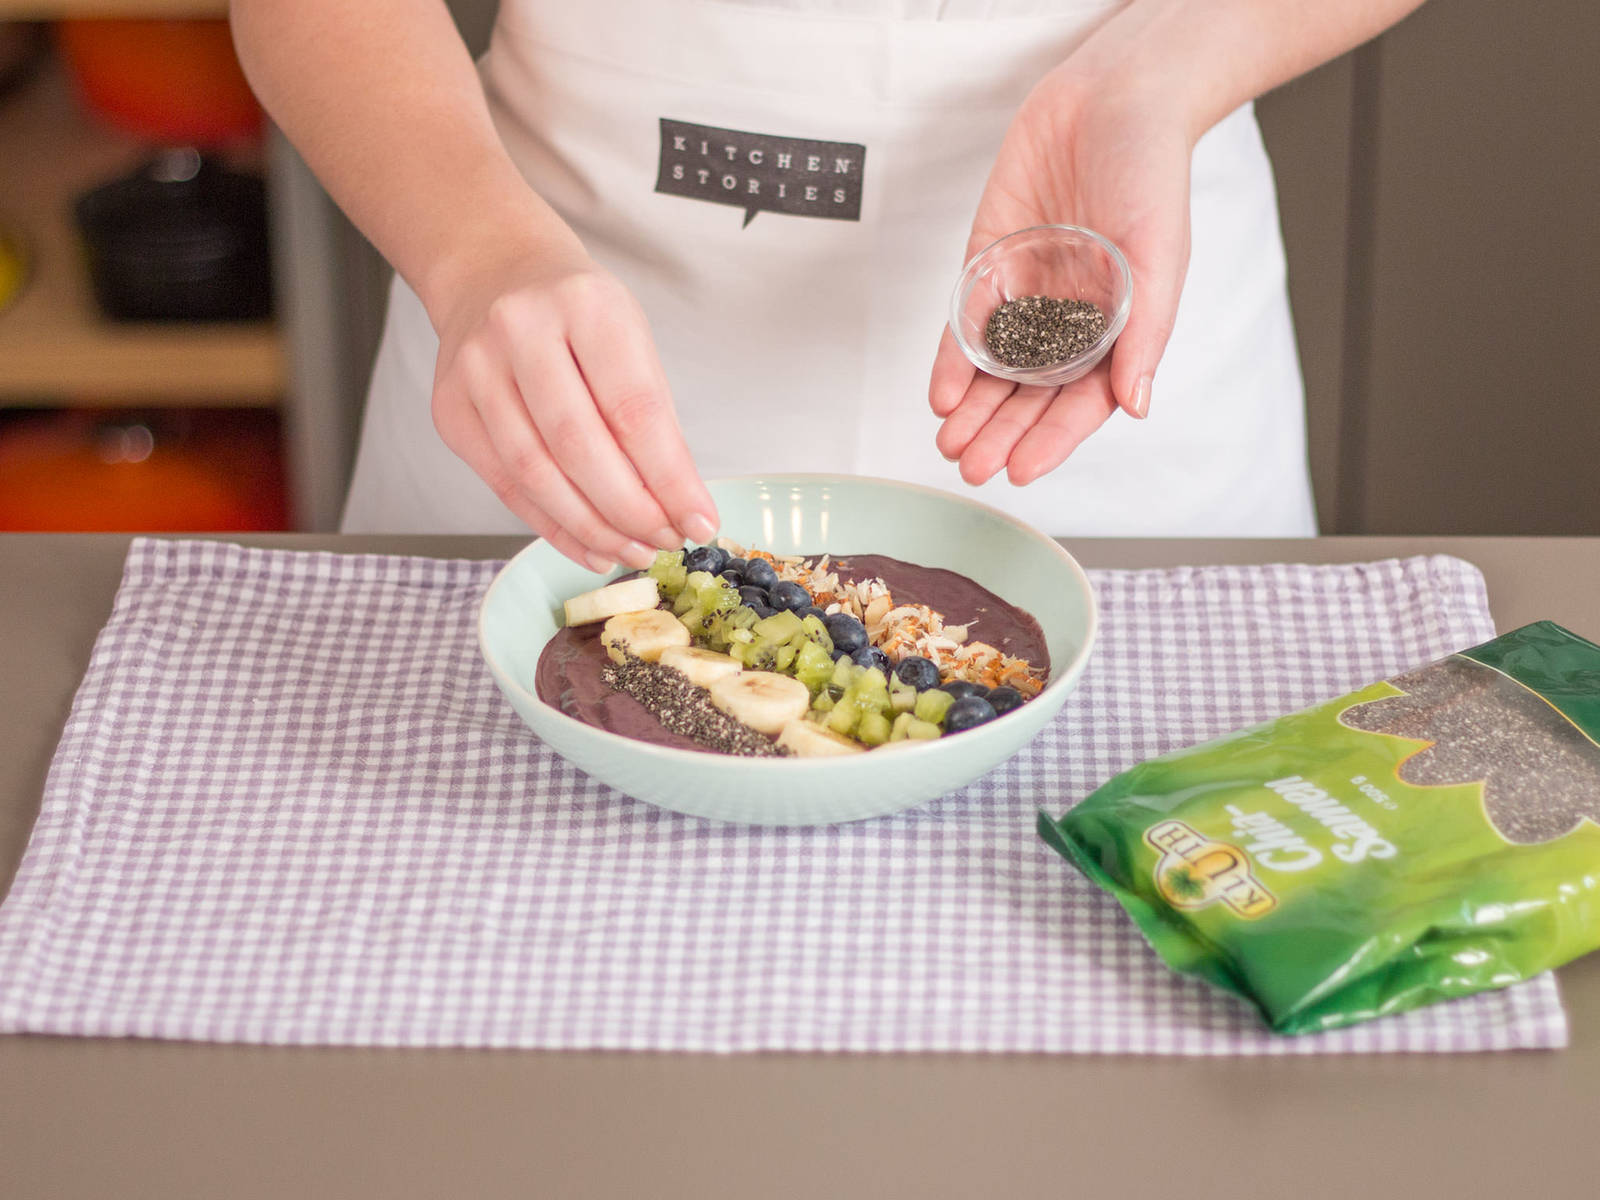 Acai-Püree in eine Schüssel geben. Mit Banane, Kiwi, Blaubeeren, Mandeln und Chia-Samen garnieren. Zum Frühstück oder als Energiespender zwischendurch genießen.